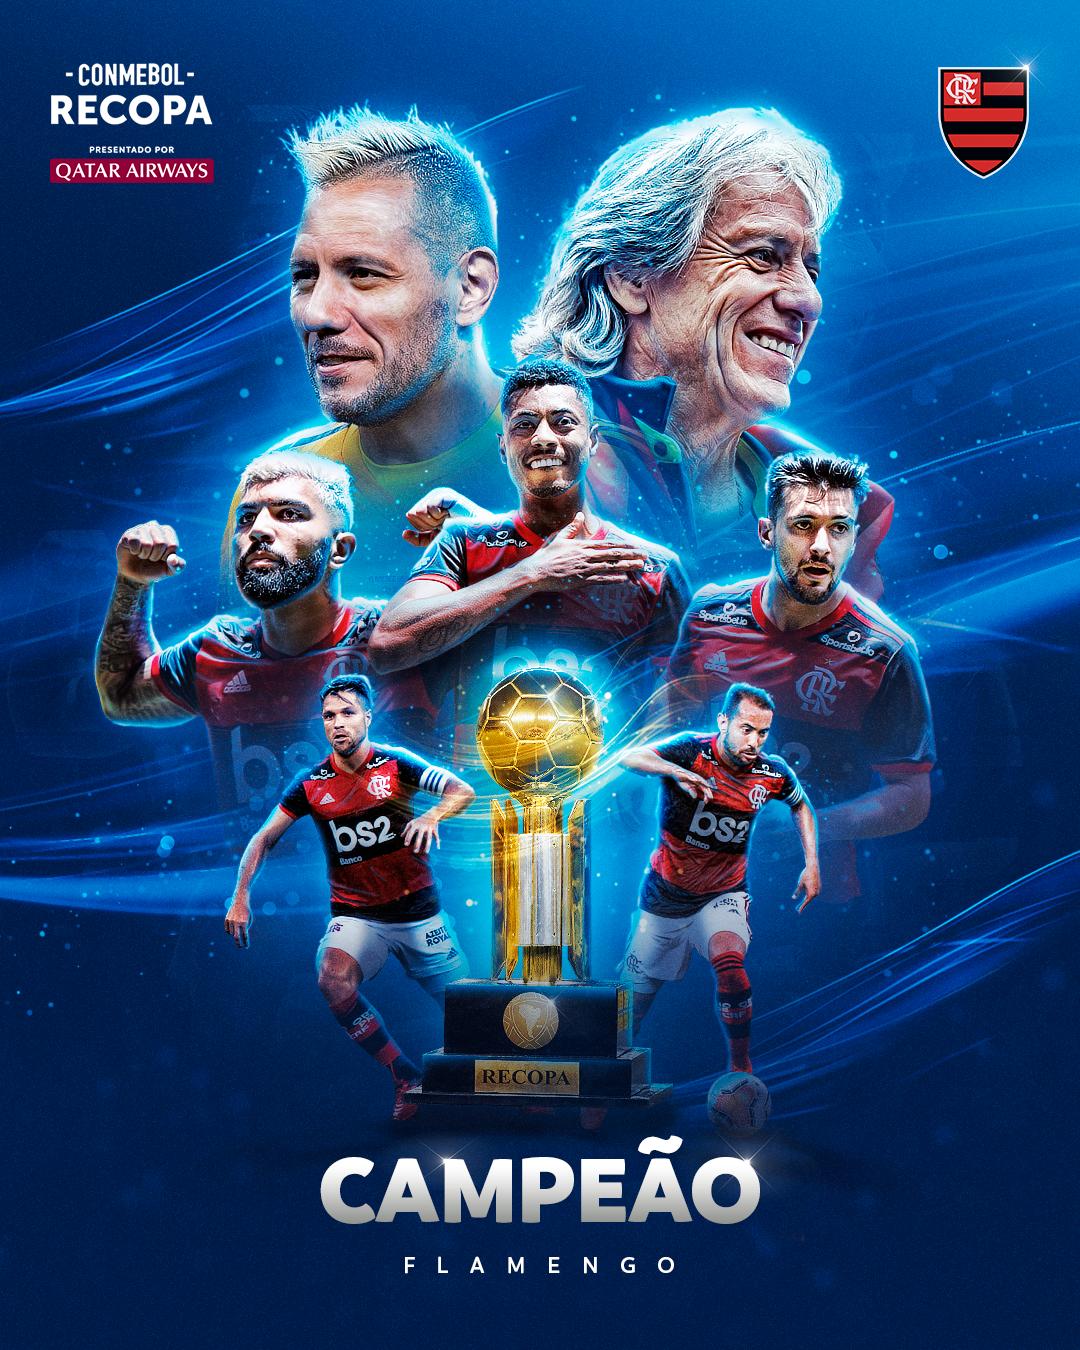 Recopa - Flamengo